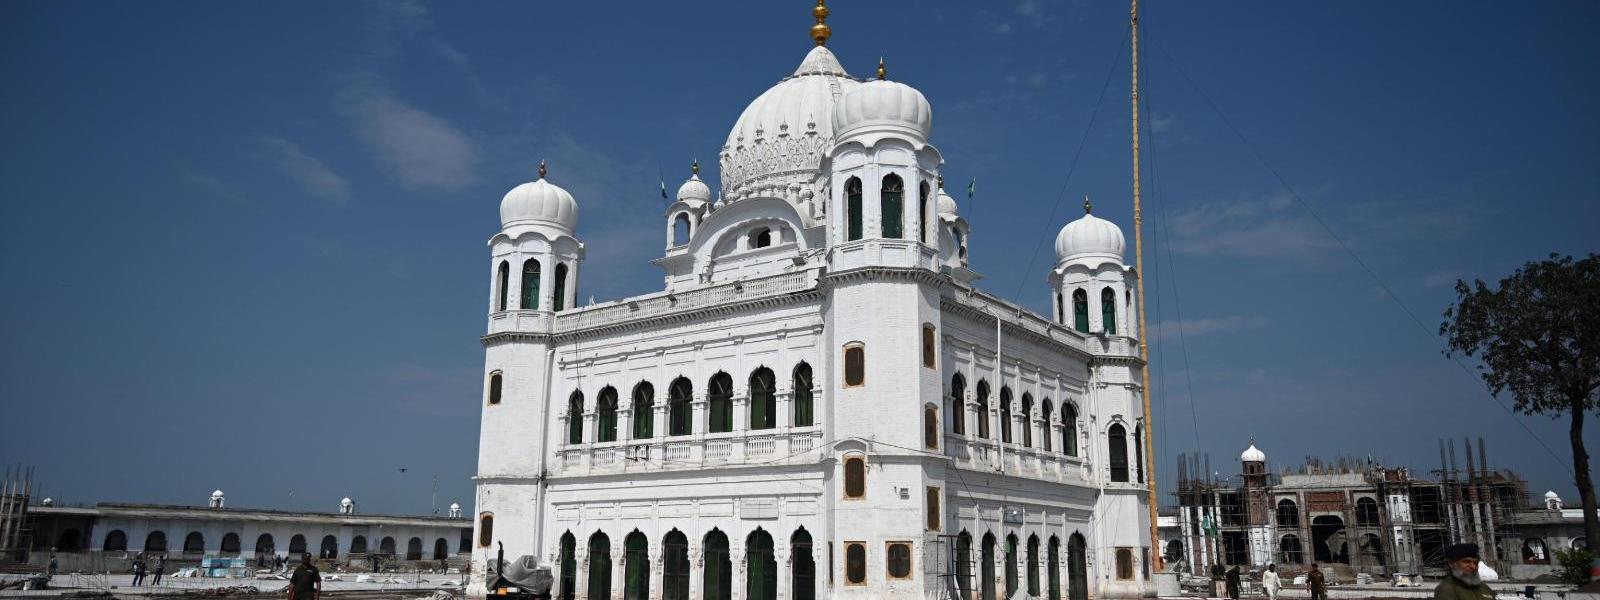 Lahore to kartarpur Tour